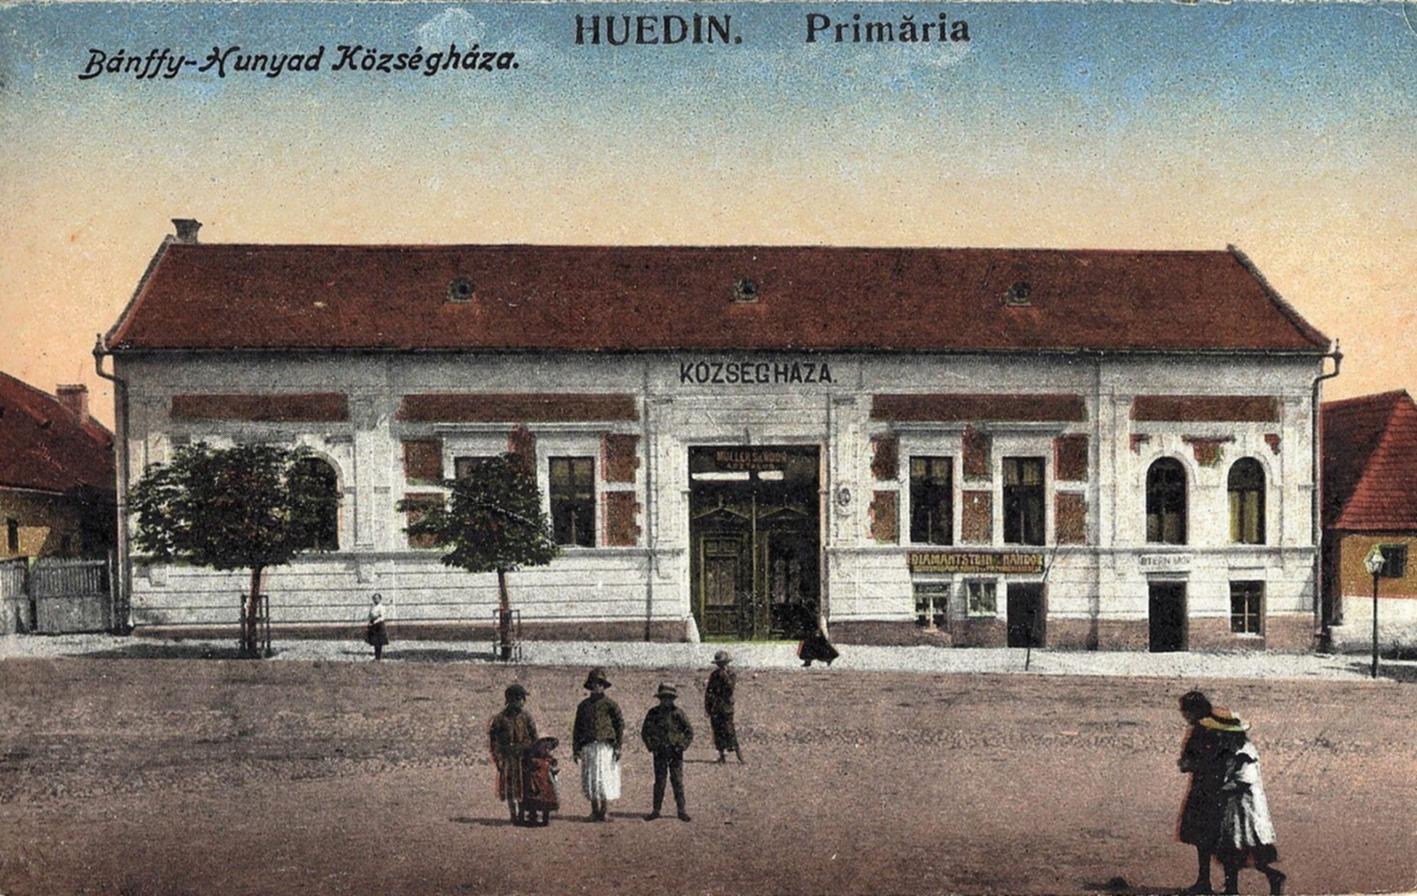 fotografii istorice din judet Huedin